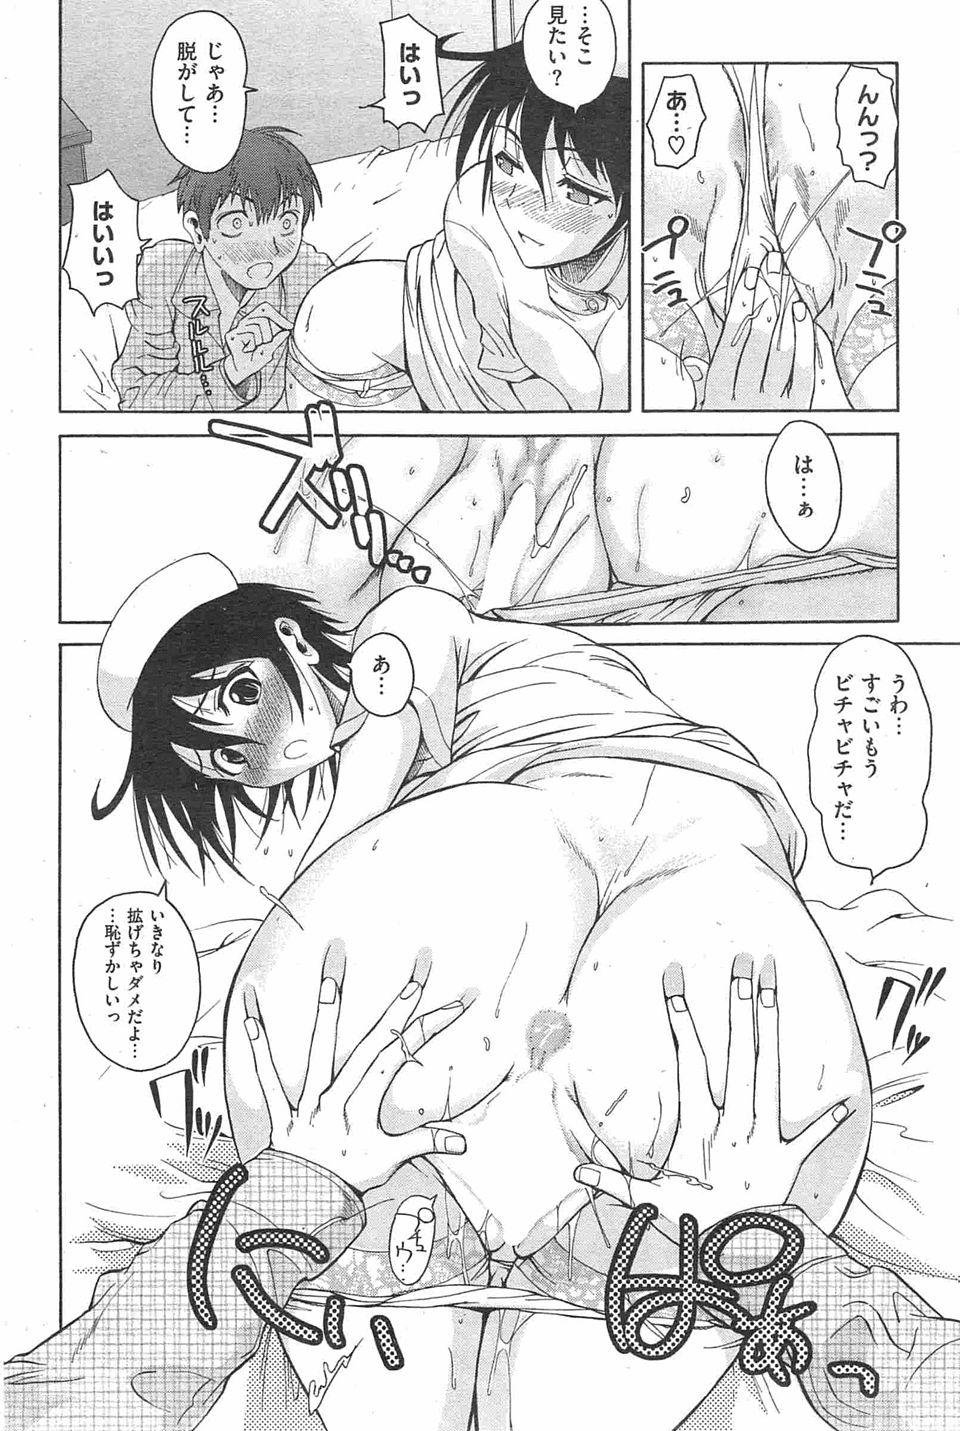 【エロ漫画・エロ同人】巨乳ナースが夜中に患者のお爺ちゃんにまたがってオナニーしてるwww (10)